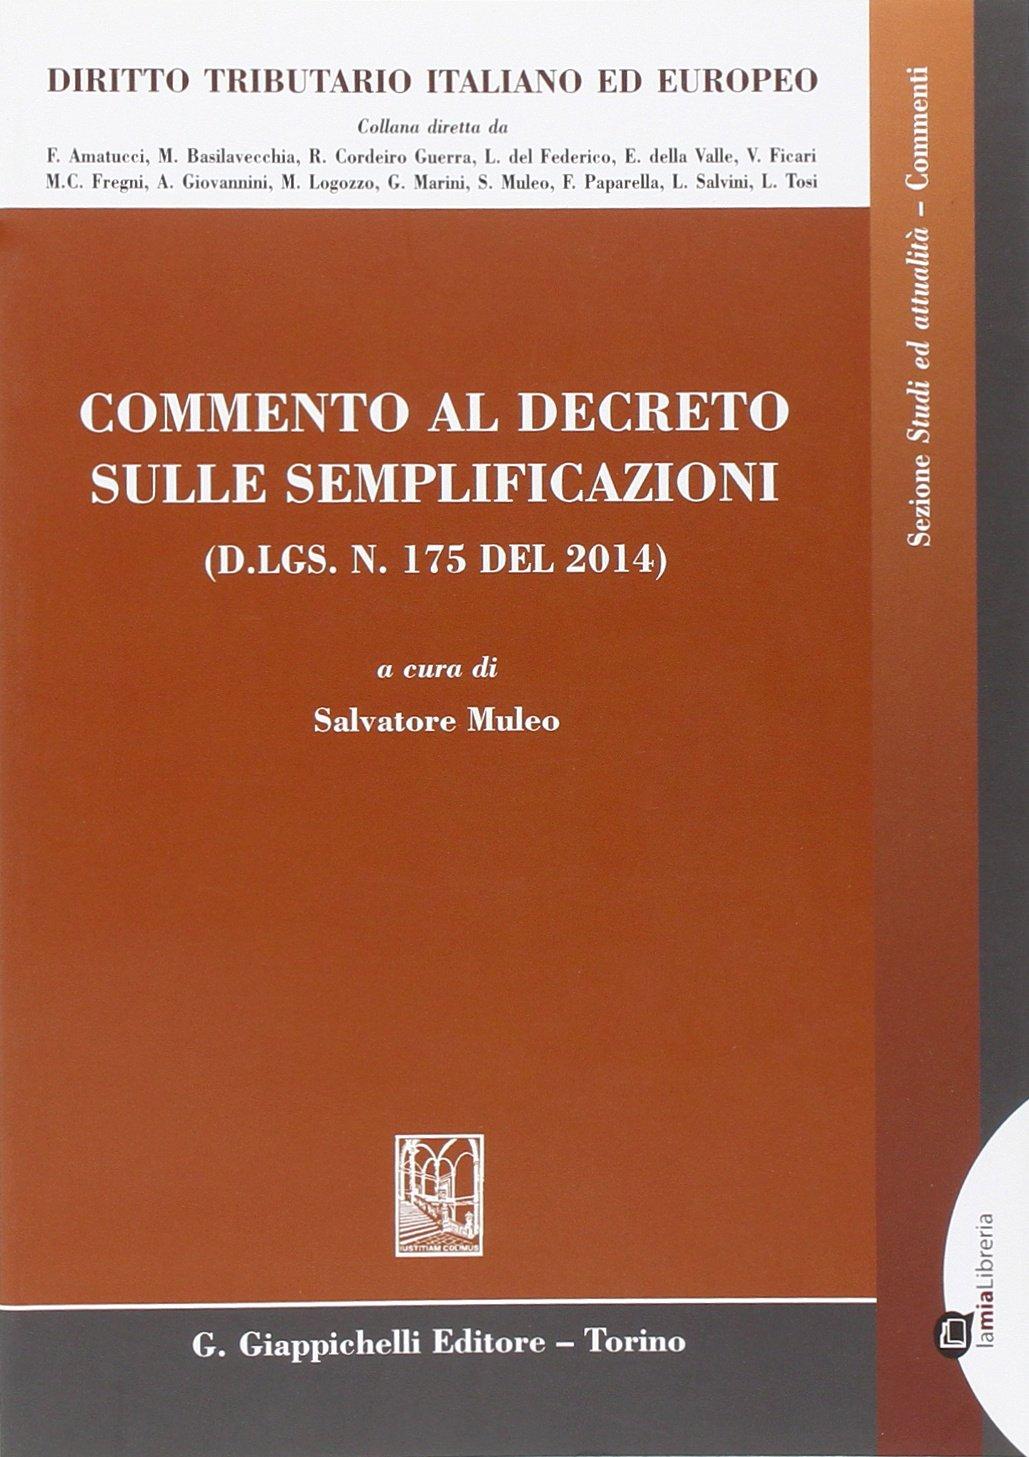 Commento al decreto sulle semplificazioni